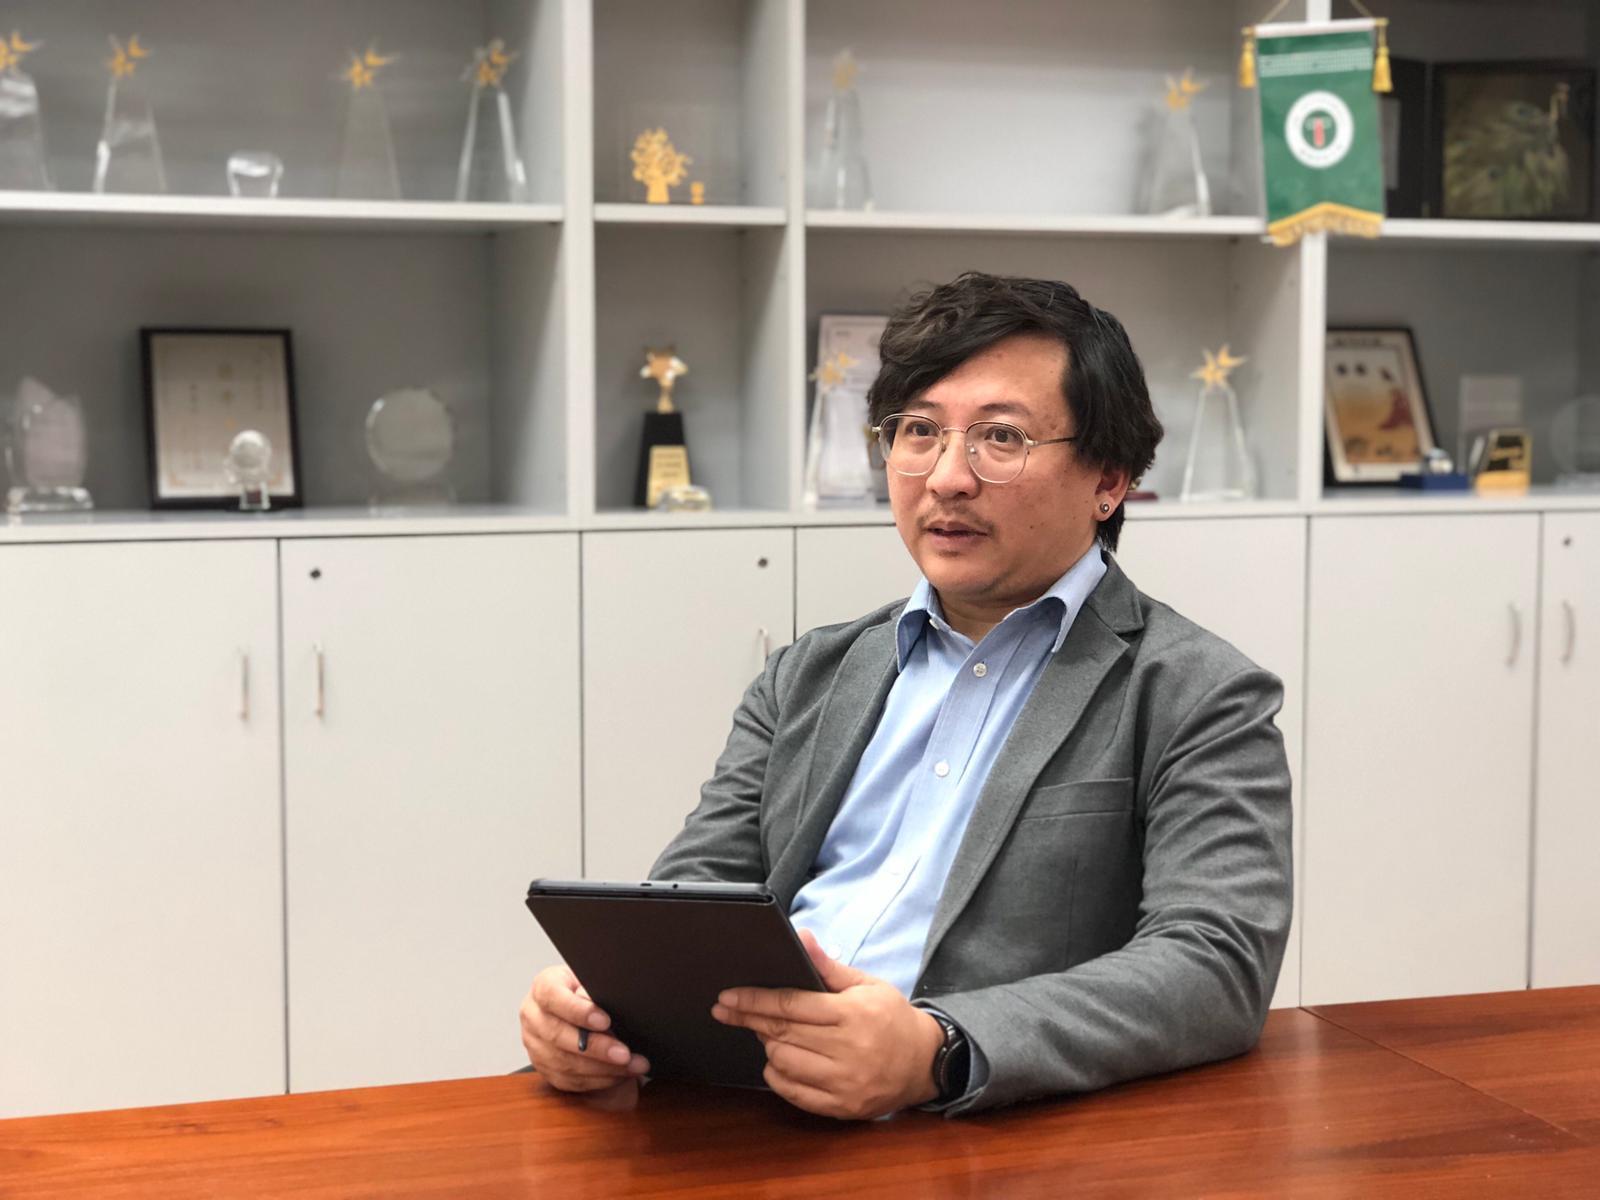 明愛社區書院副院長 (學術) 馮志豪博士